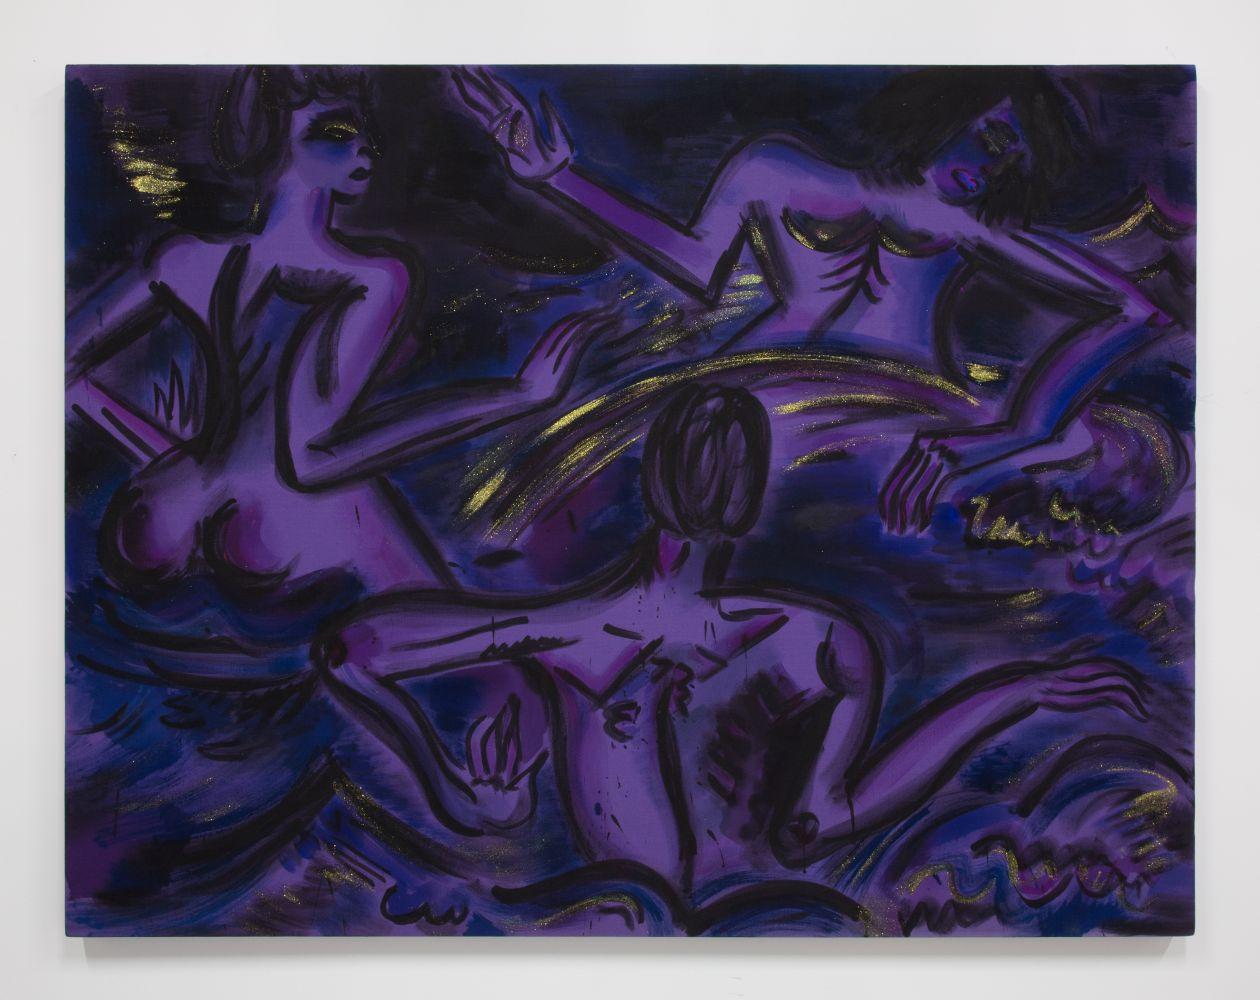 Mira Dancy, Black Sky Sirens (Splash), 2013